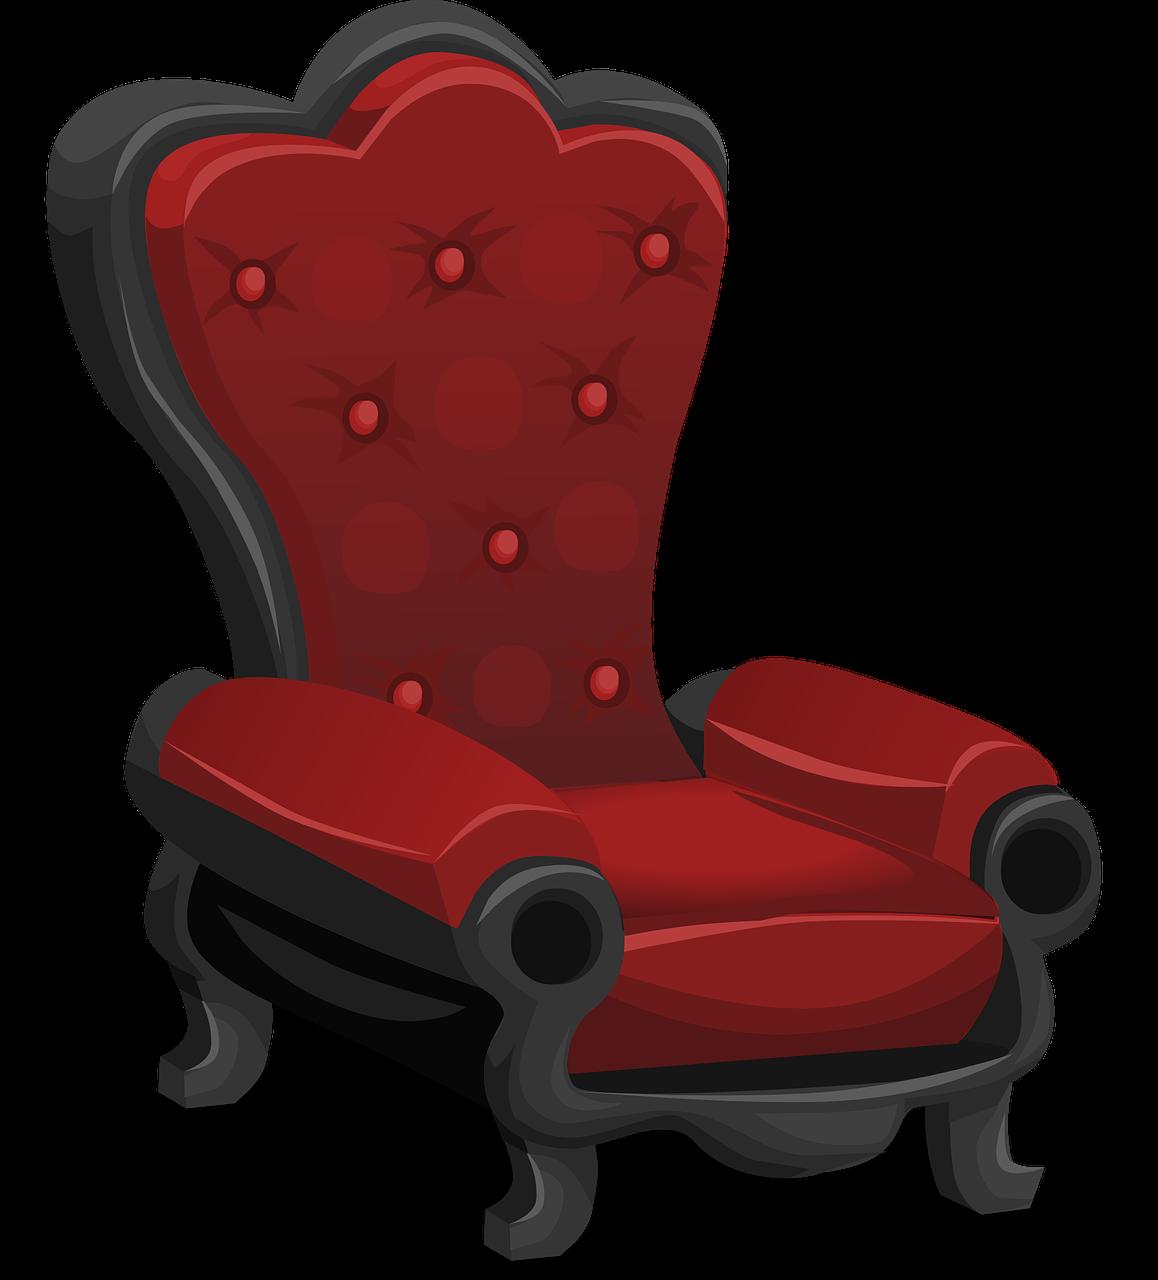 картинка красное кресло такая